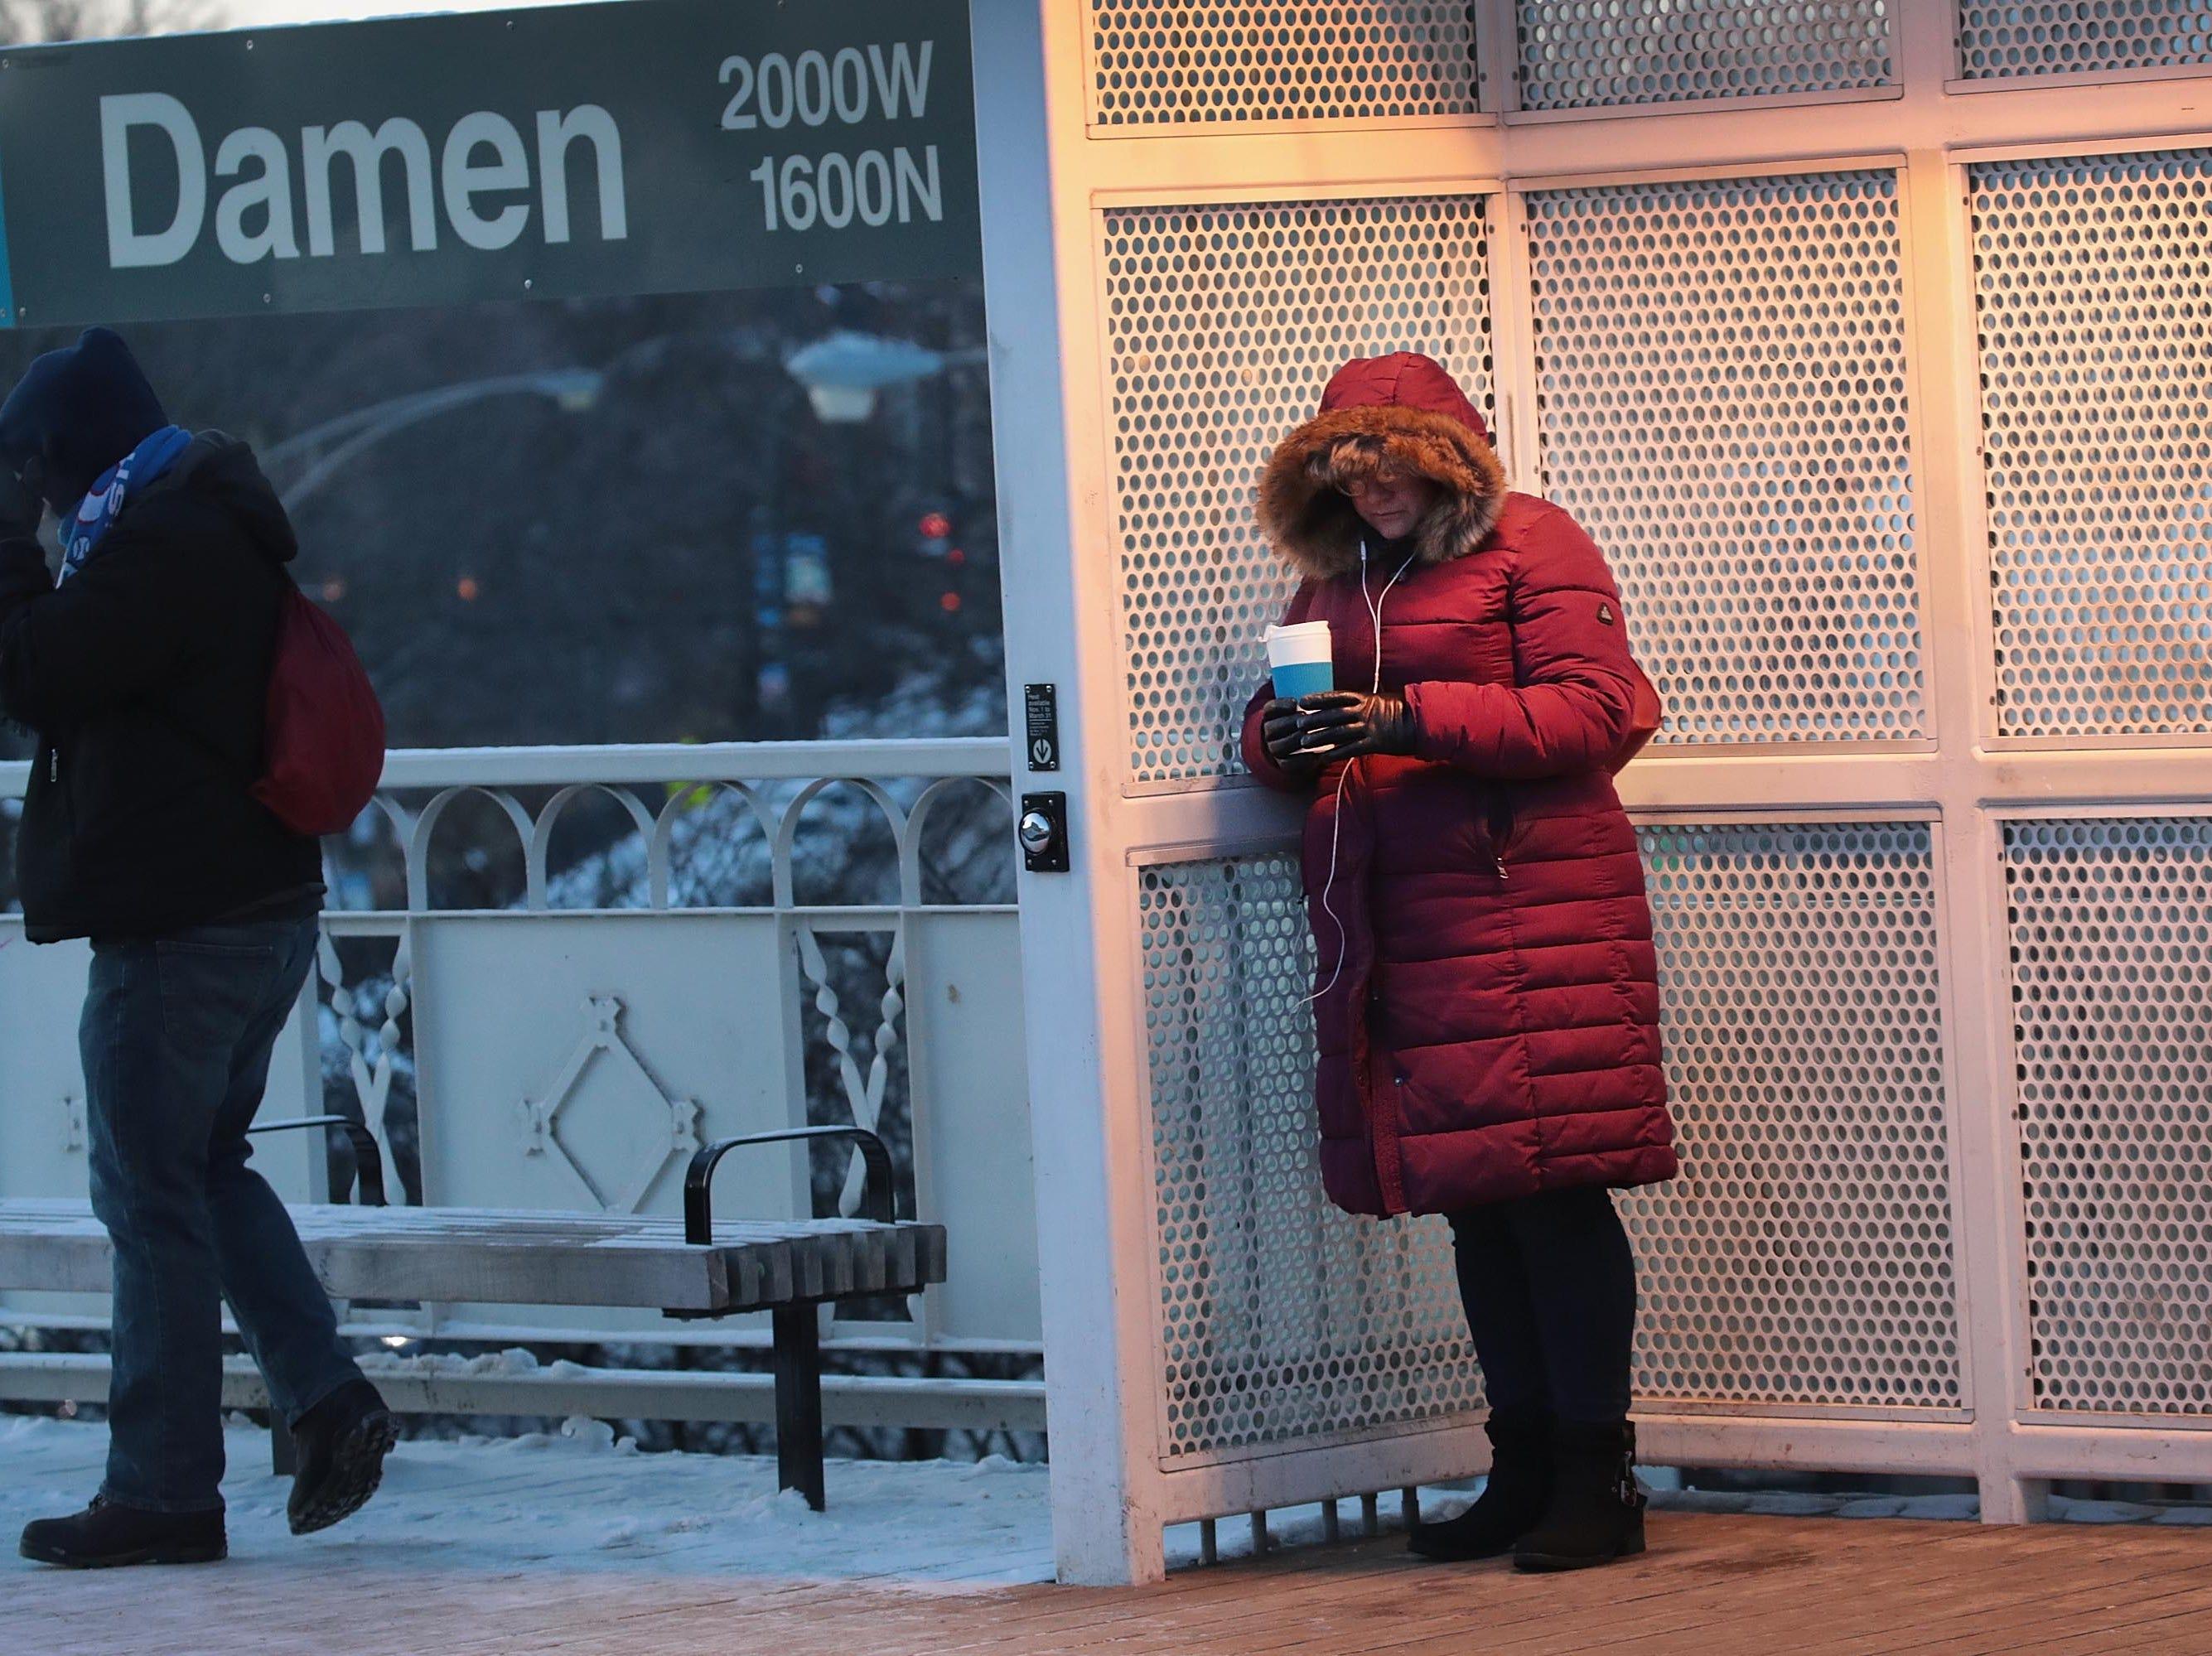 Pasajeros esperan al tren ligero a temperaturas bajo cero el 30 de enero de 2019 en Chicago, Illinois.